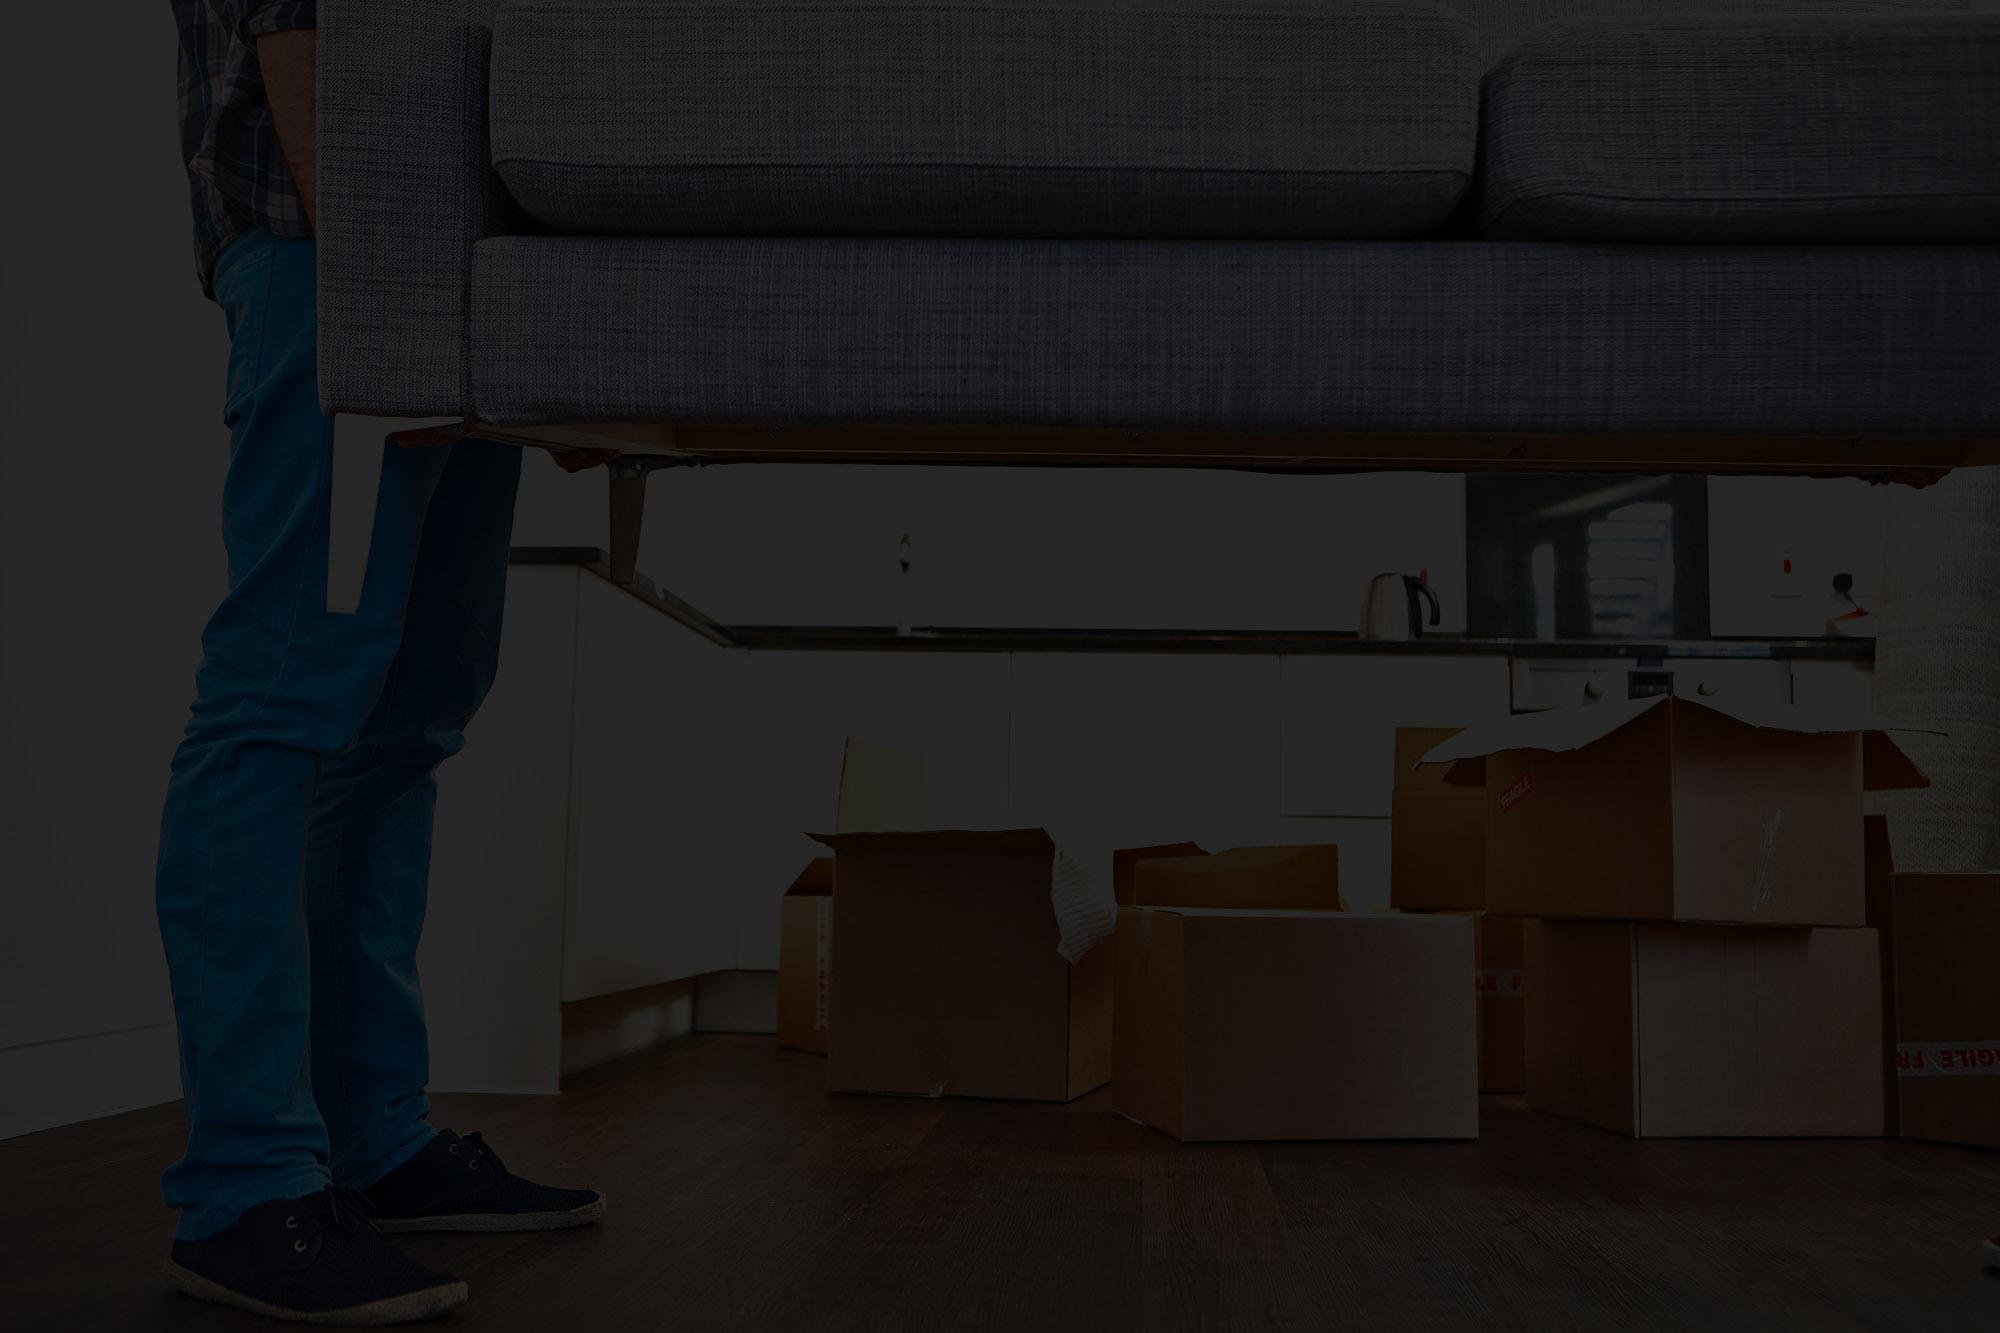 Haushaltsauflösungen Und Wohnungsauflösungen In Münster